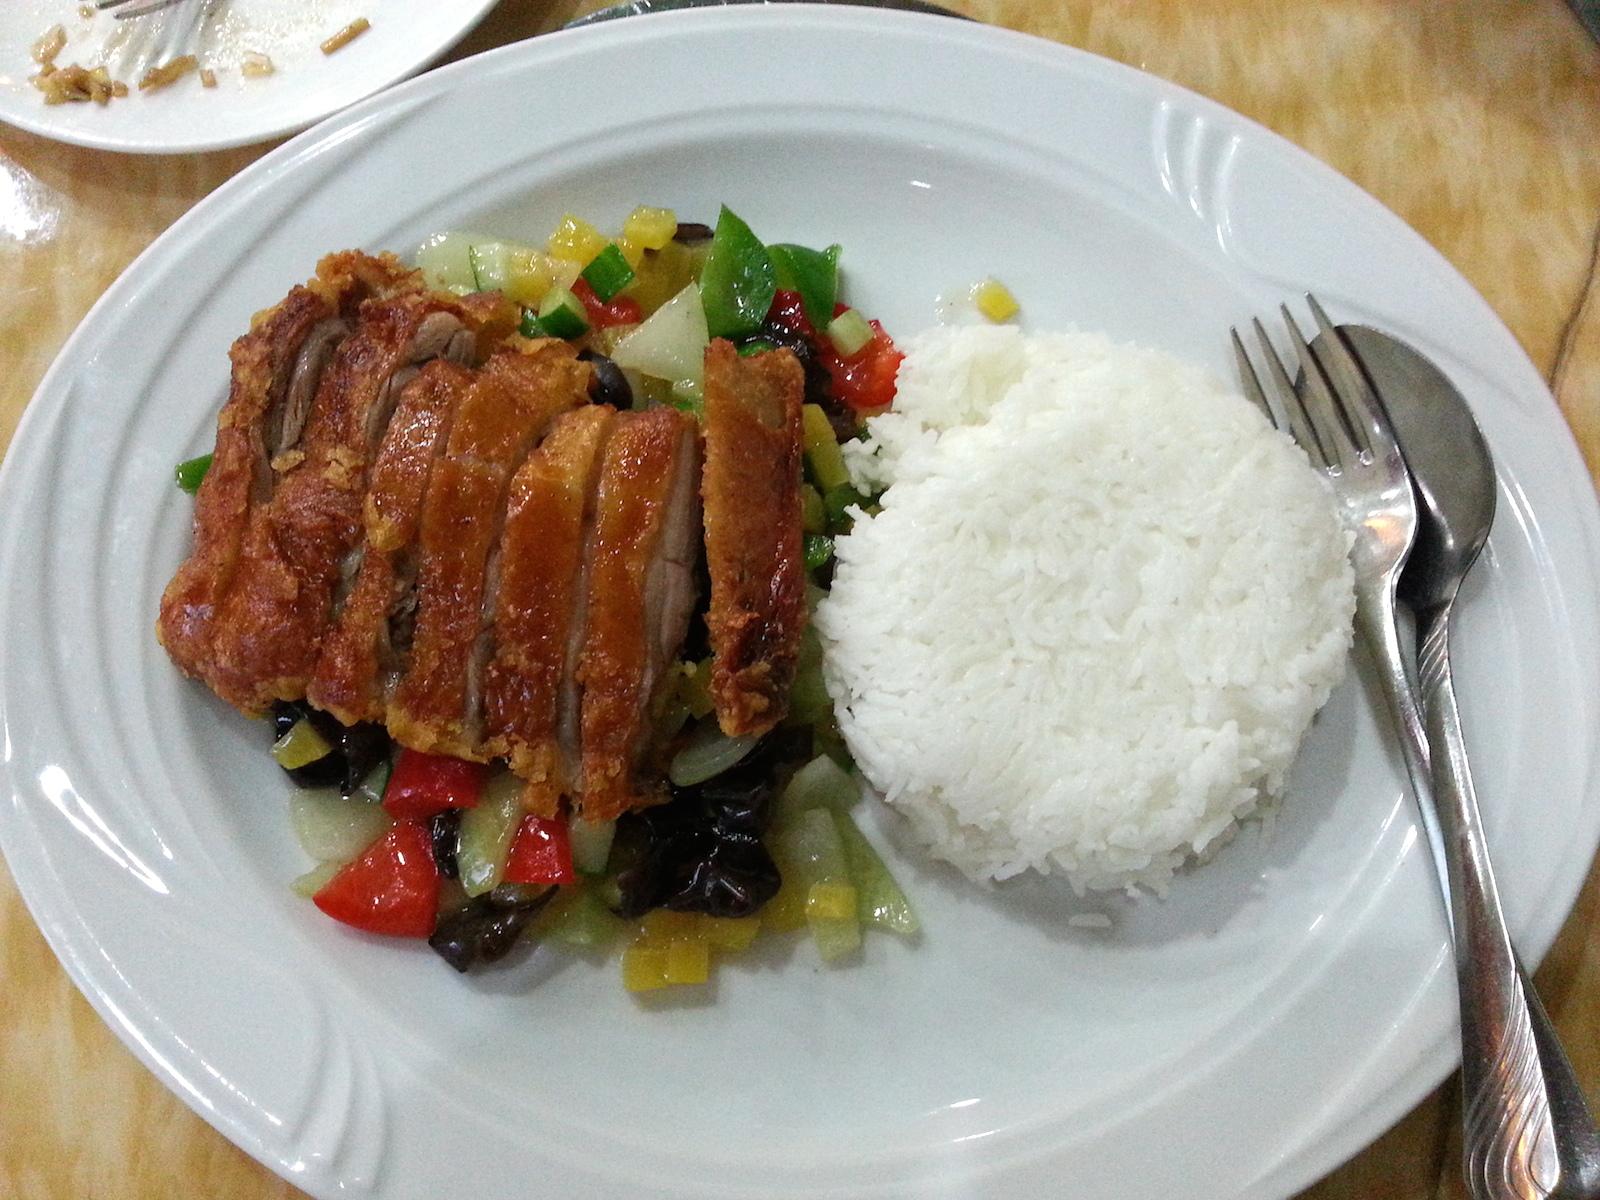 Chińsko Polska Kuchnia W A Quing Sao Czyli Kolejna Wizyta